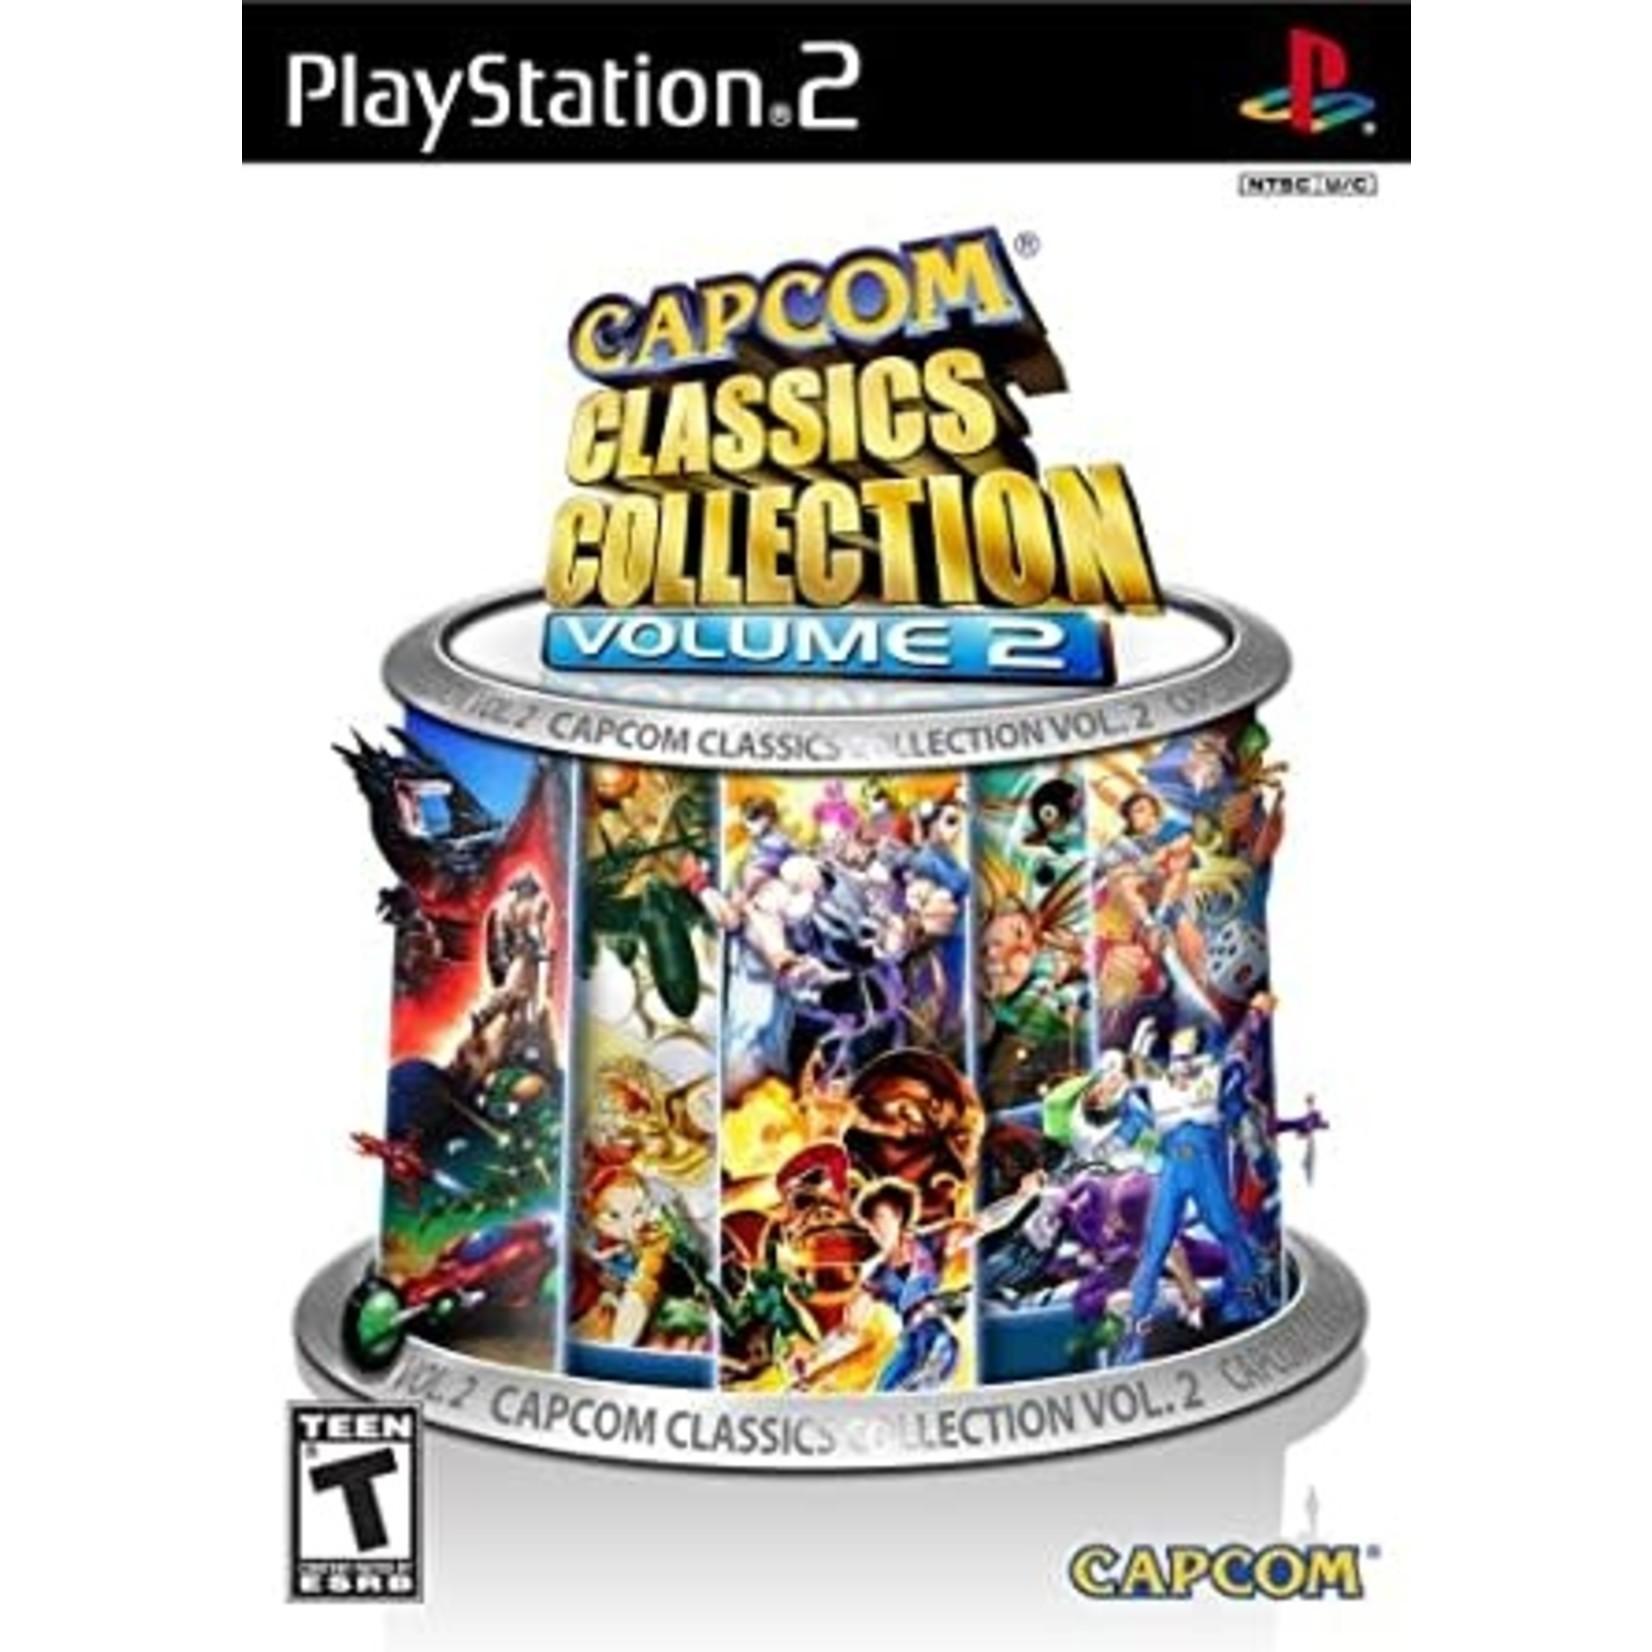 PS2U-Capcom Classics COllection Vol 2